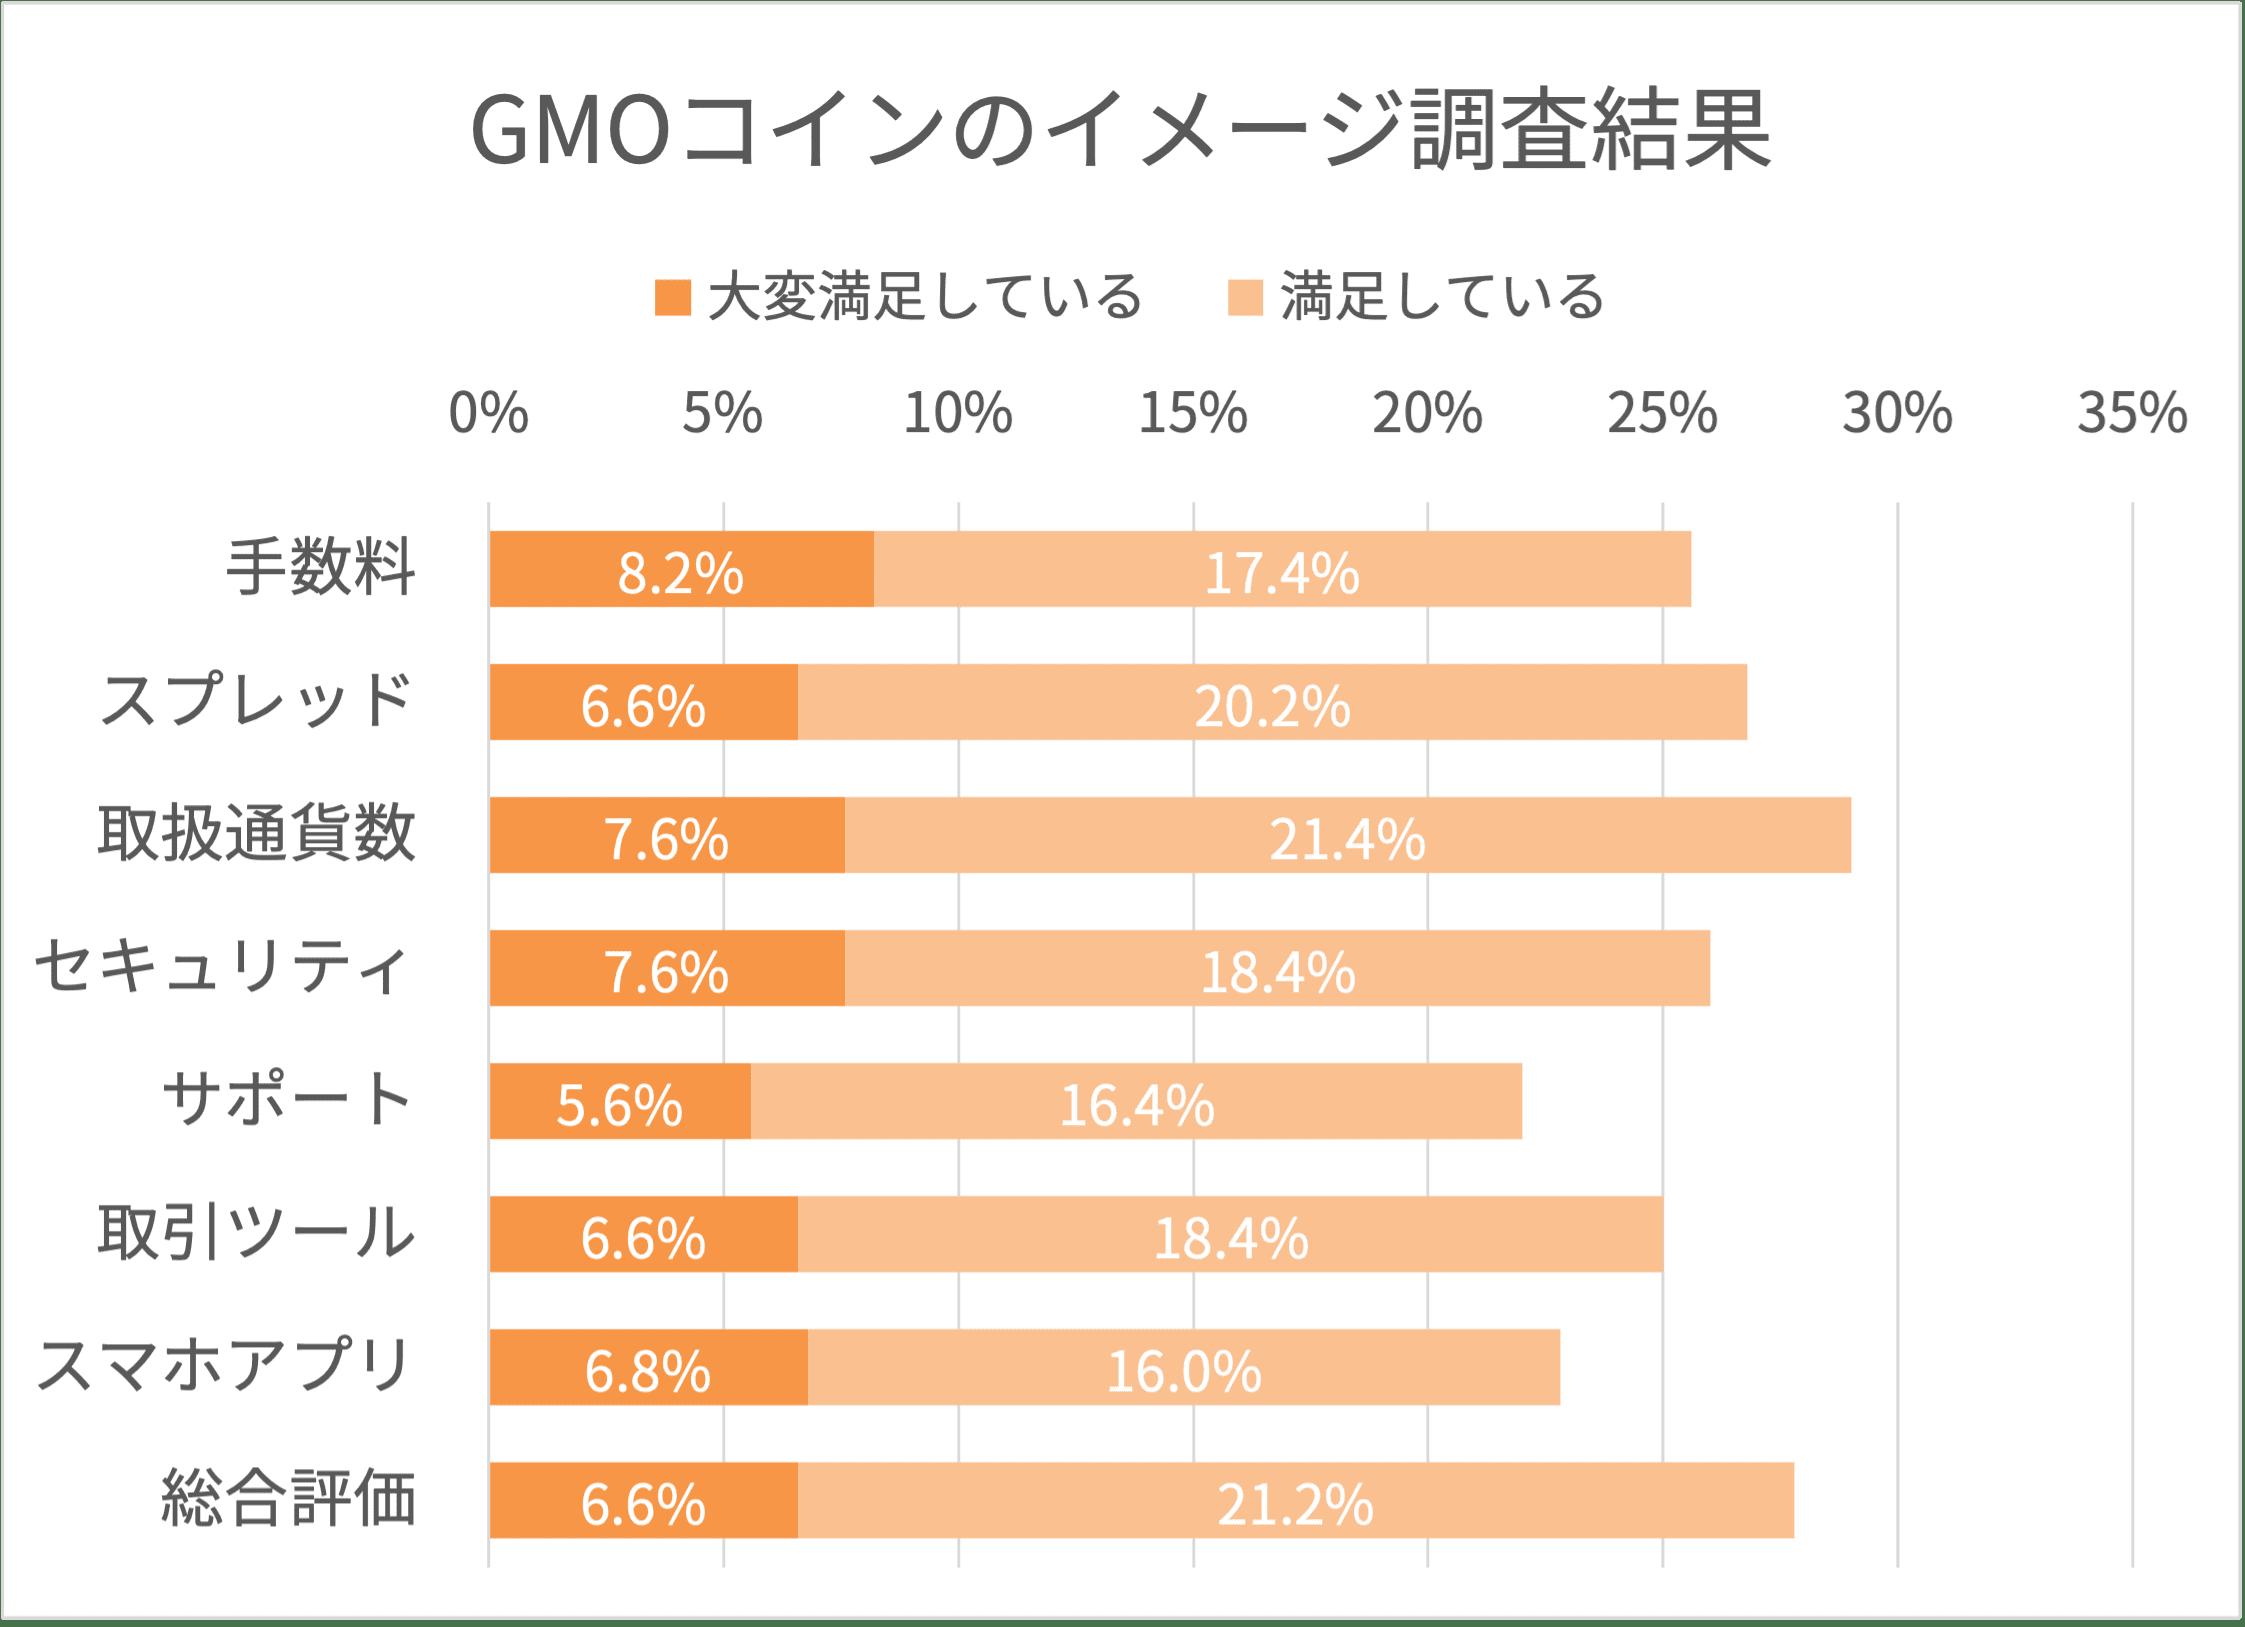 GMOコインのイメージ調査結果